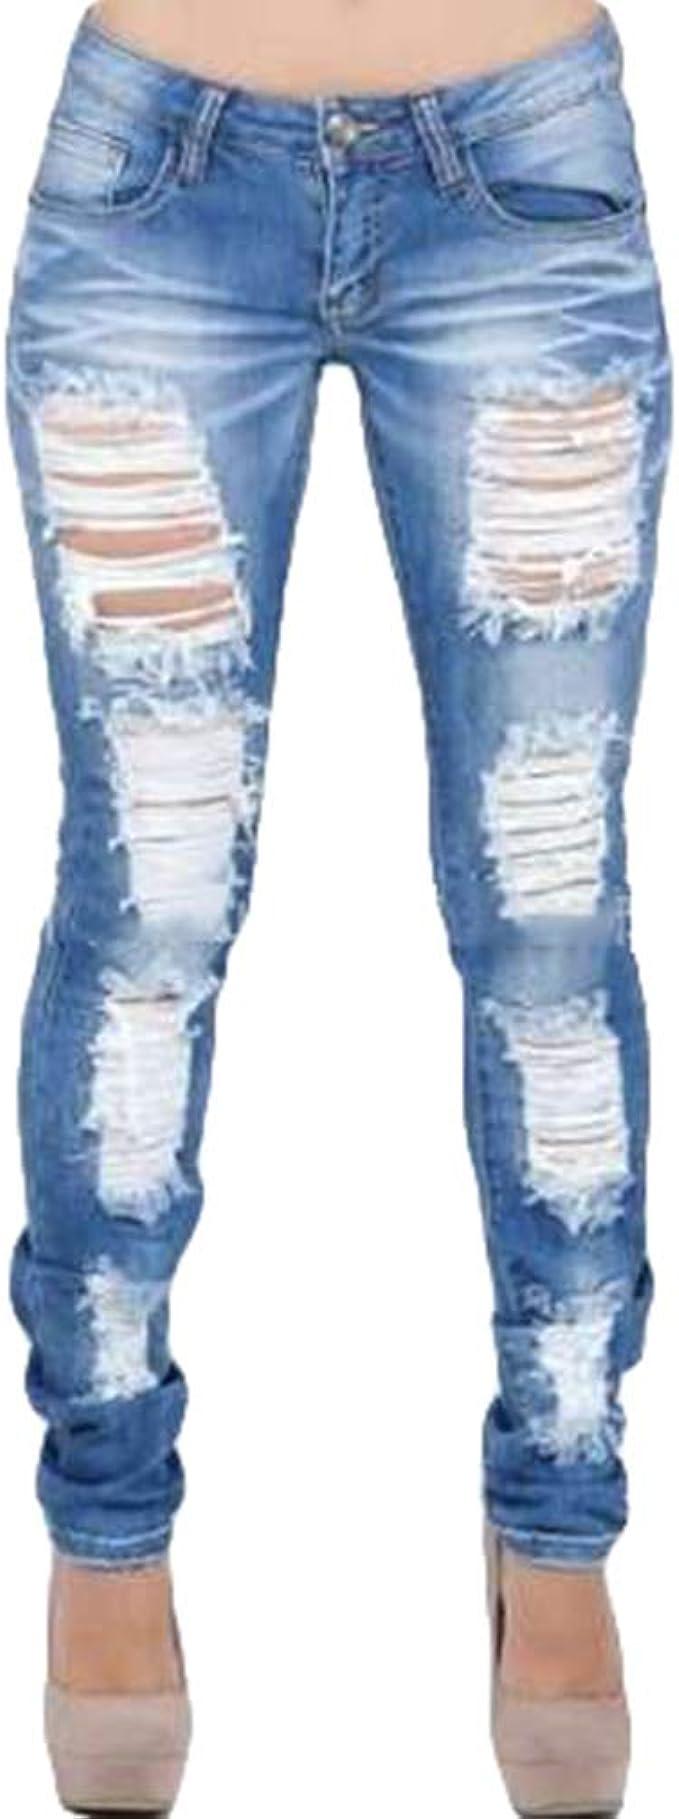 Hibote Mujer Cintura Baja Vaqueros Con Bolsillos Comodo Push Up Rotos Ocio Estilo Skinny Casual Jeans Mezclilla Pantalones Ropa S 2xl Vaqueros